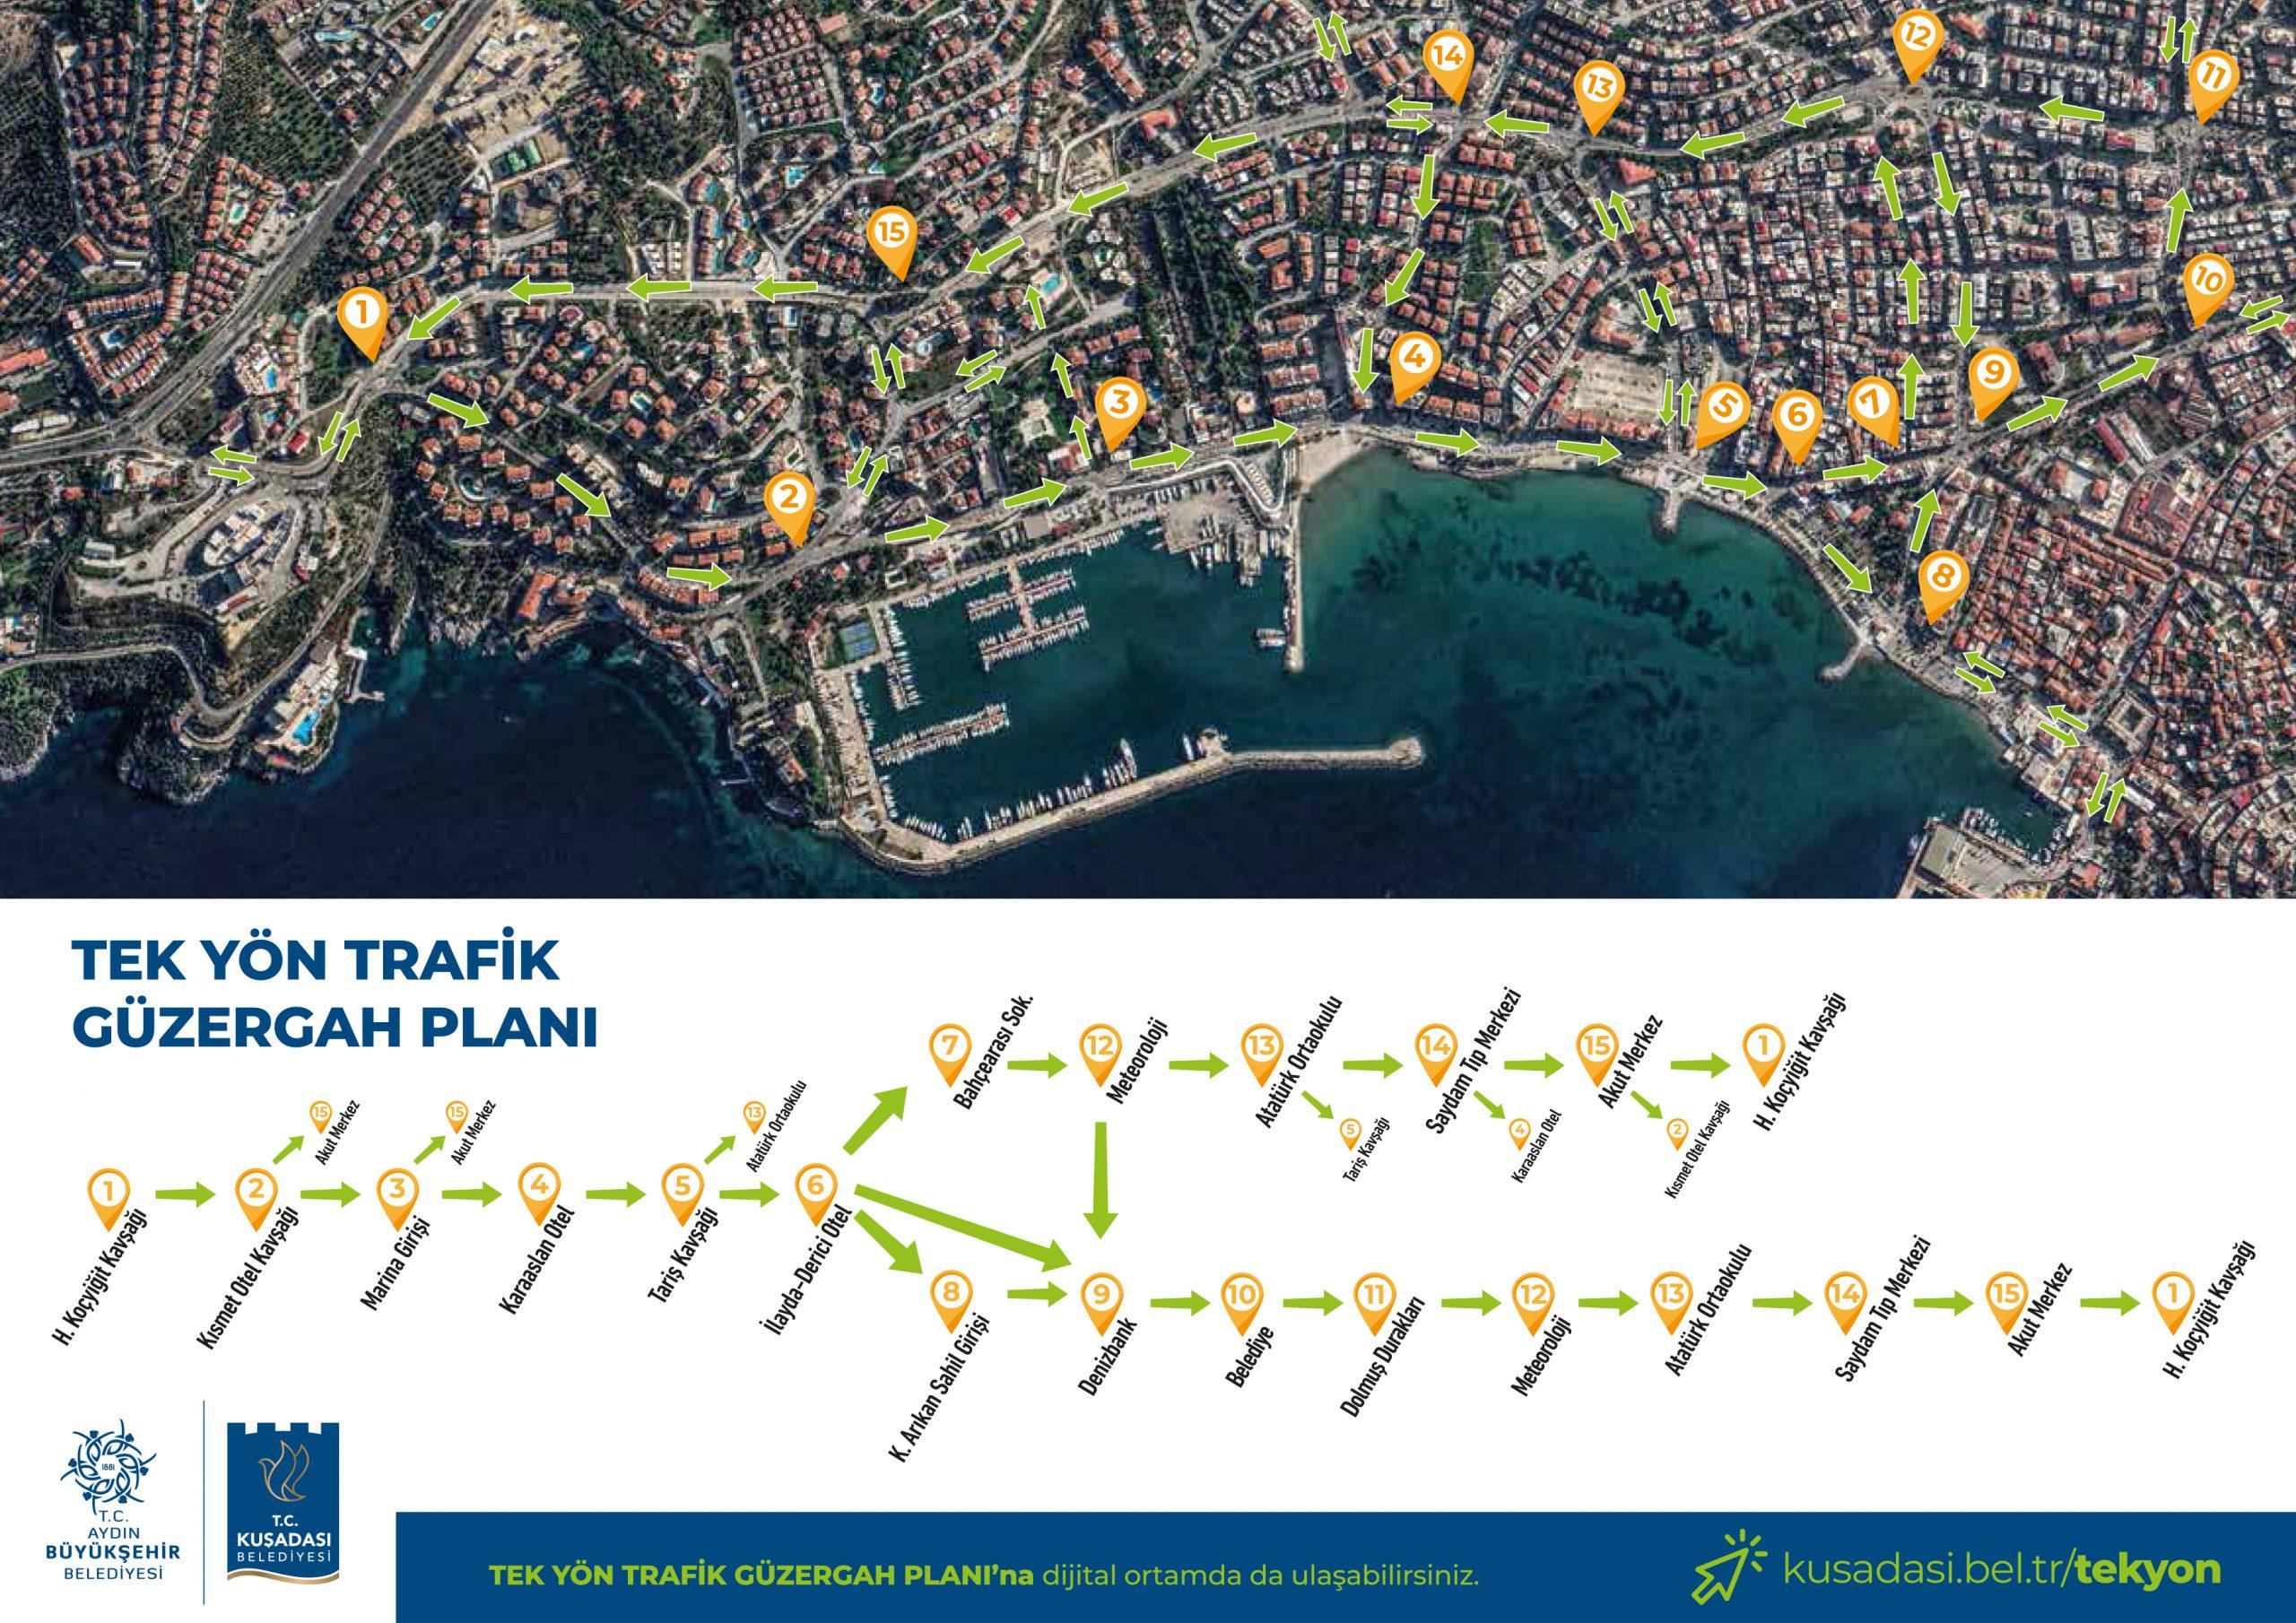 kuşadası haritasında tek yön yapılacak olan yollar belirtilmiş